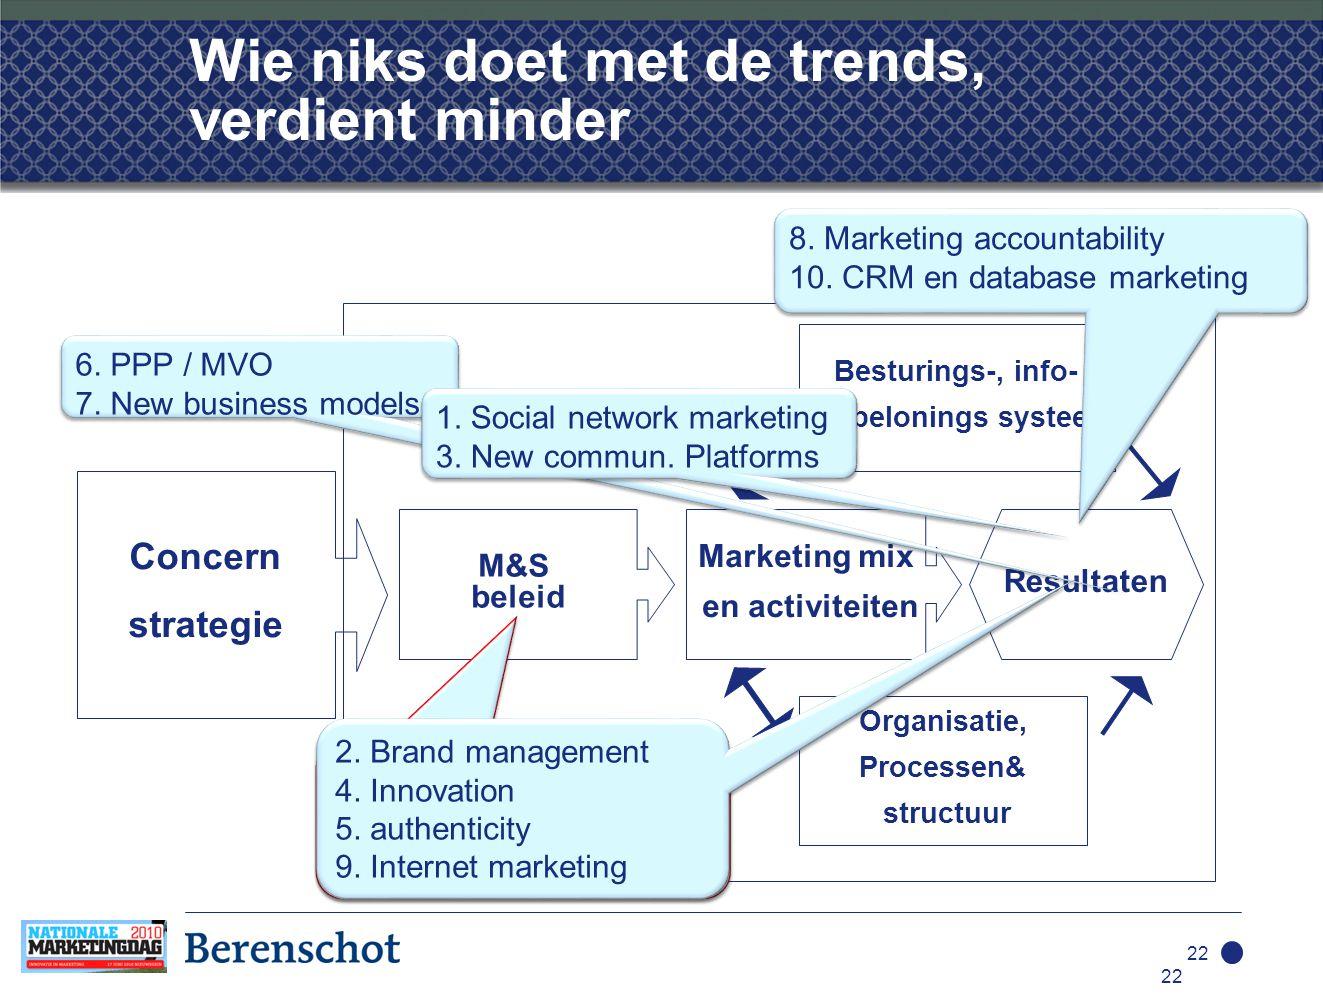 22 Wie niks doet met de trends, verdient minder 22 M&S beleid Marketing mix en activiteiten Resultaten Besturings-, info- en belonings systeem Organis